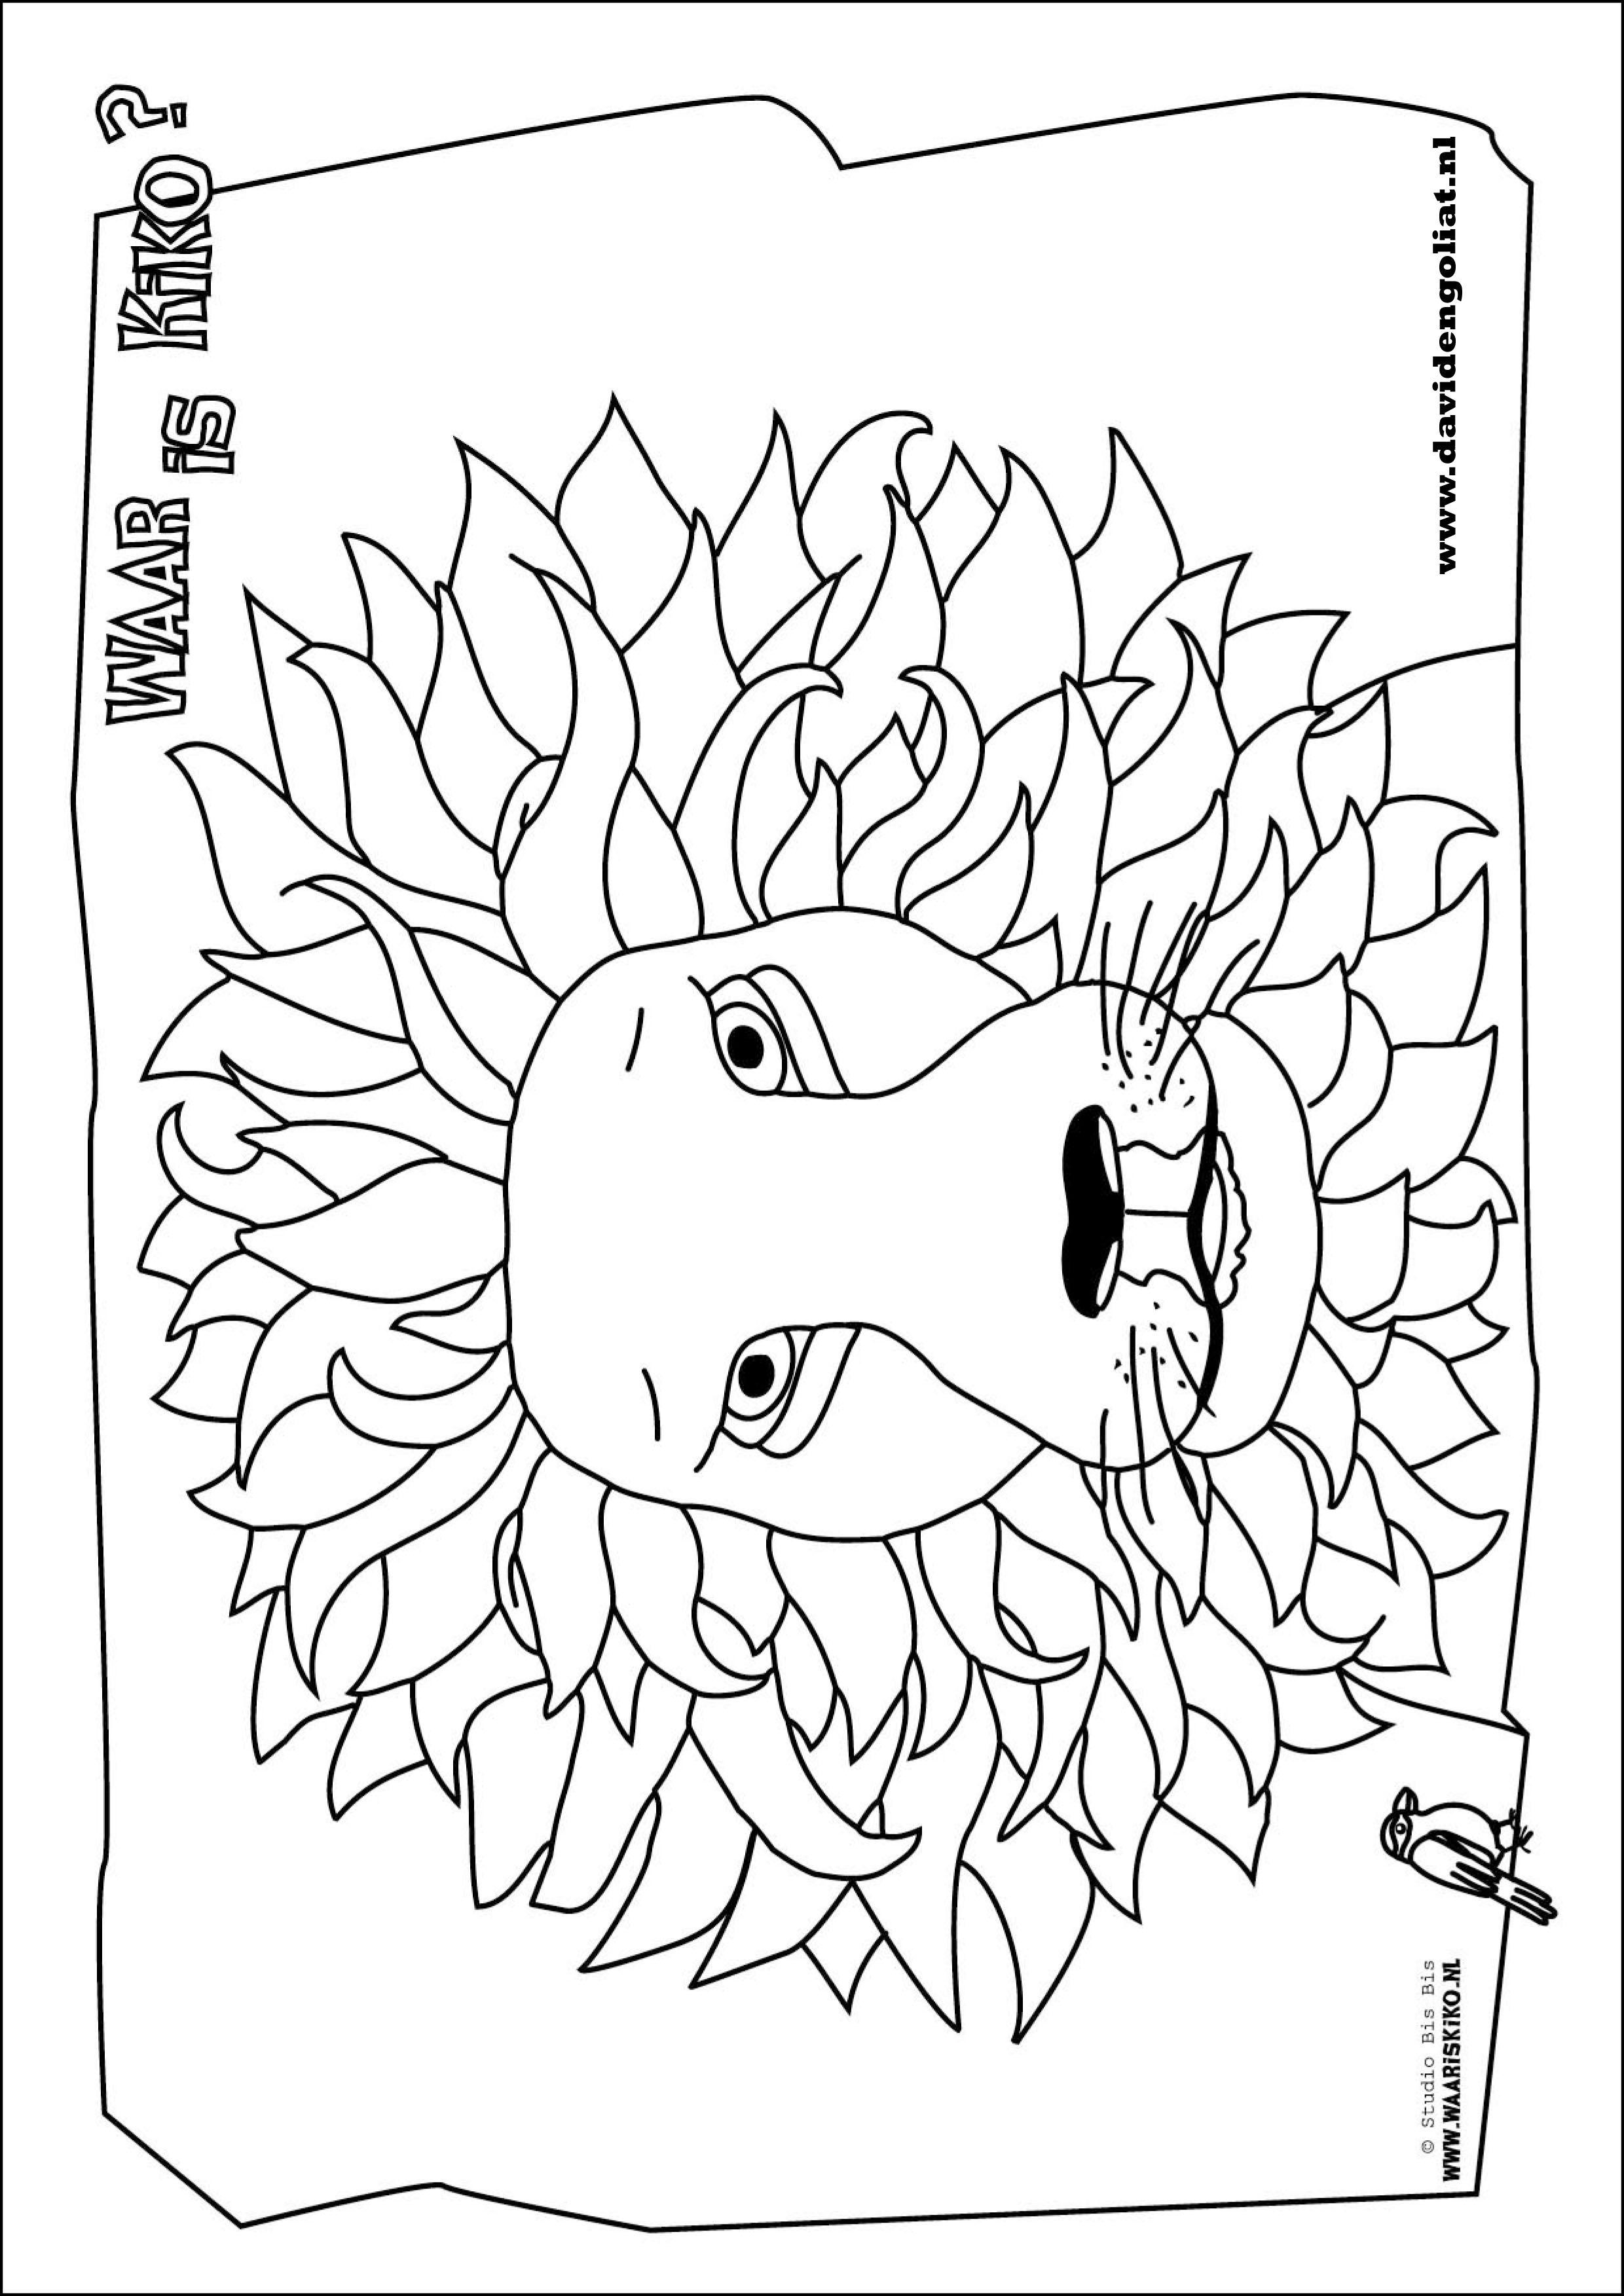 Leeuw Kleurplaat Bij Het Boek Waar Is Kiko Van Cindy Van De Ven Kleurplaten Boek Maken Prints